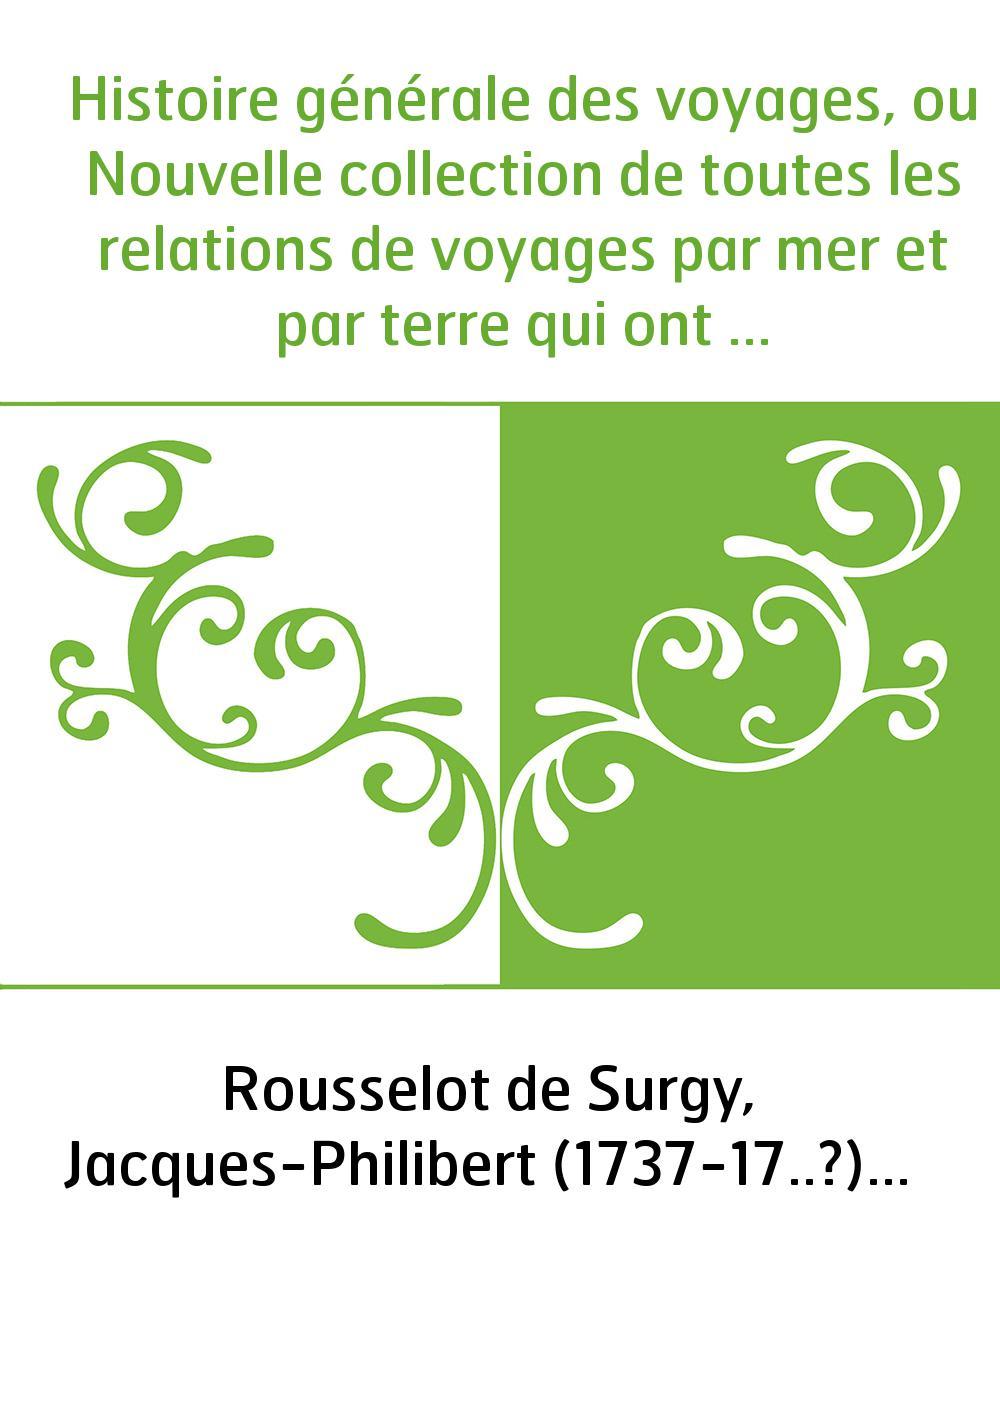 Histoire générale des voyages, ou Nouvelle collection de toutes les relations de voyages par mer et par terre qui ont été publié